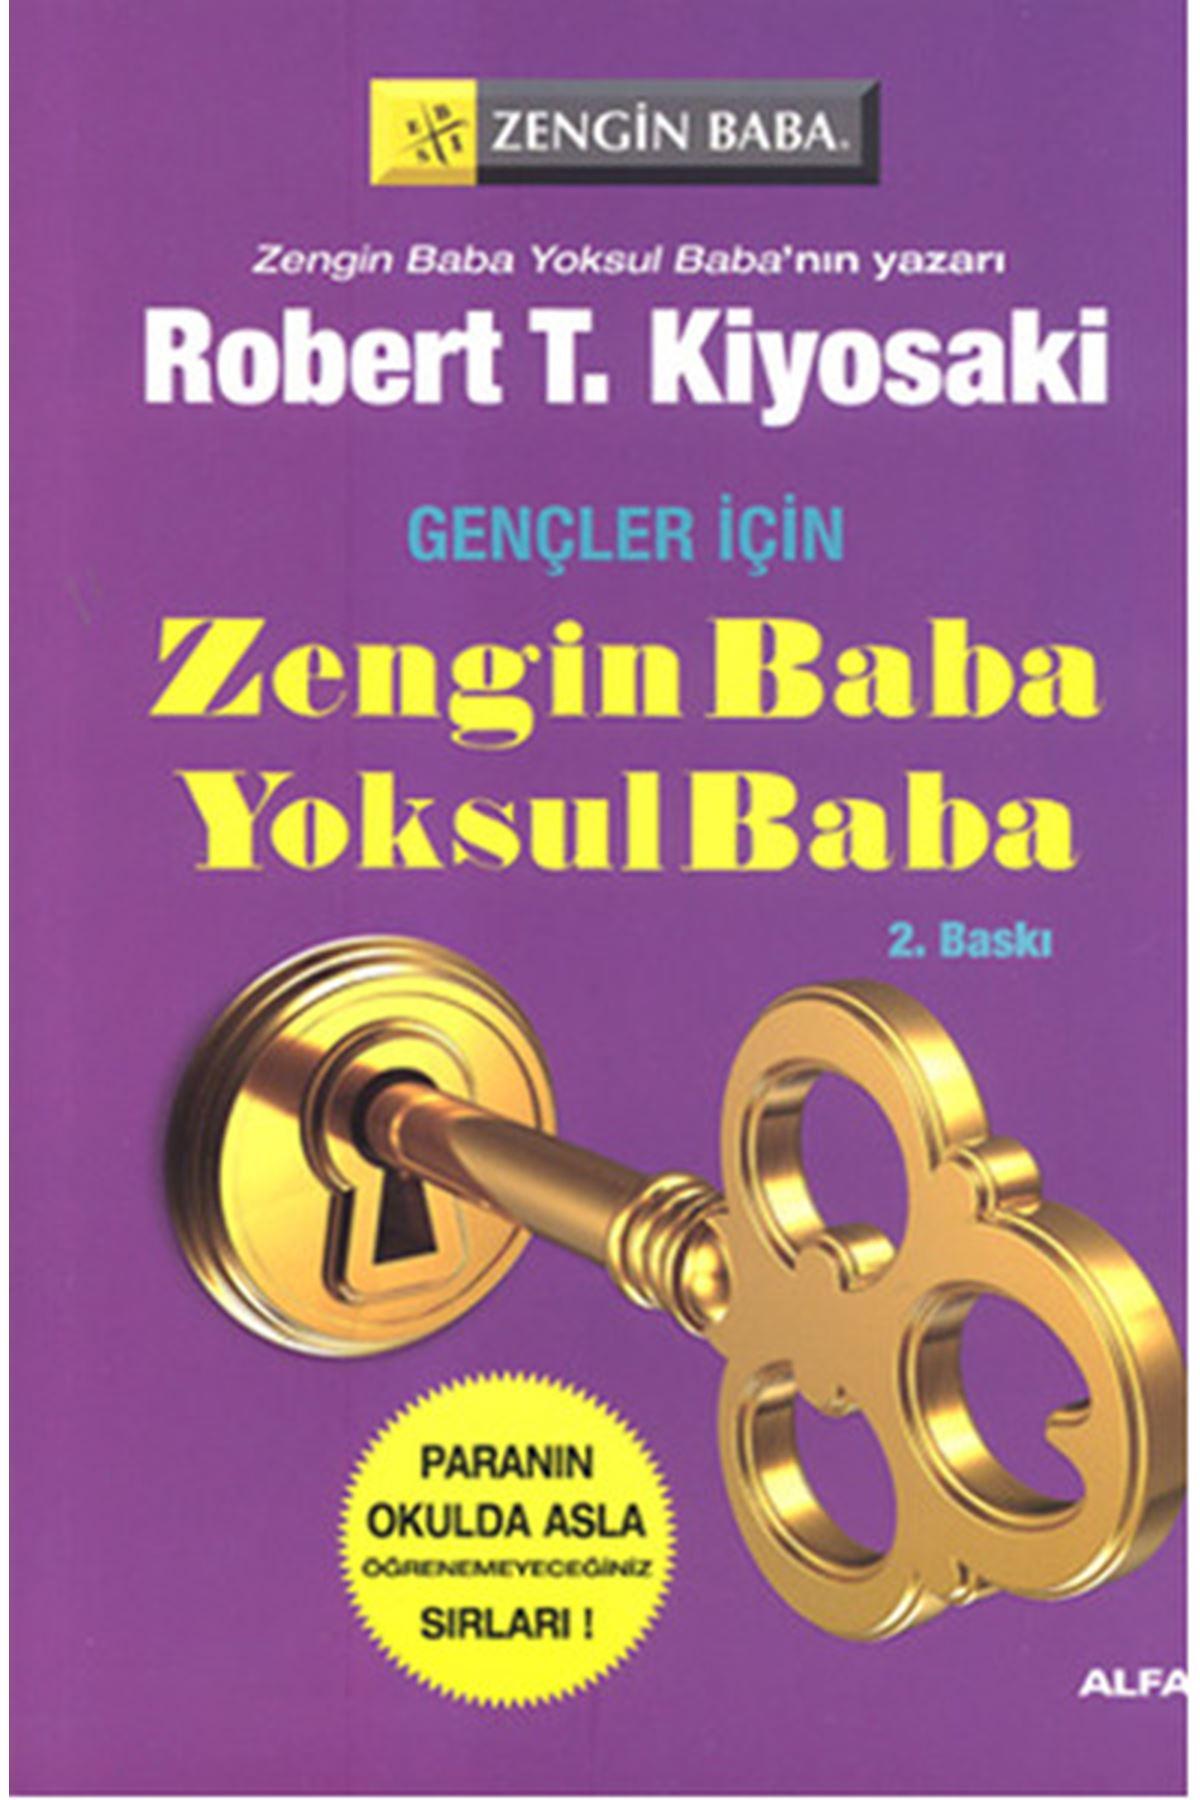 ROBERT T. KIYOSAKI - GENÇLER İÇİN ZENGİN BABA YOKSUL BABA